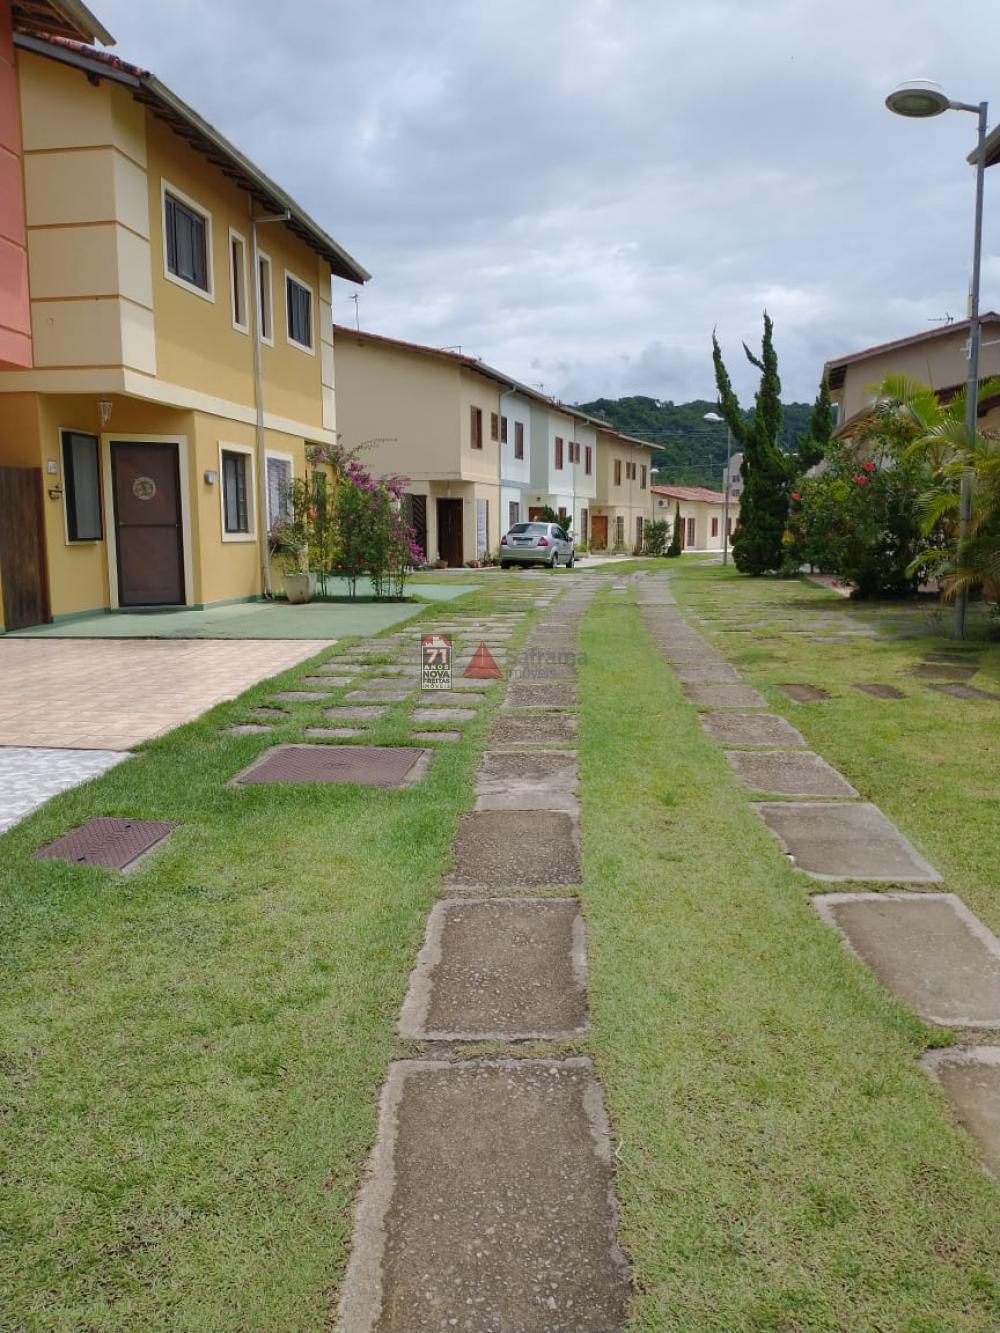 Comprar Casa / Condomínio em Caraguatatuba apenas R$ 340.000,00 - Foto 9